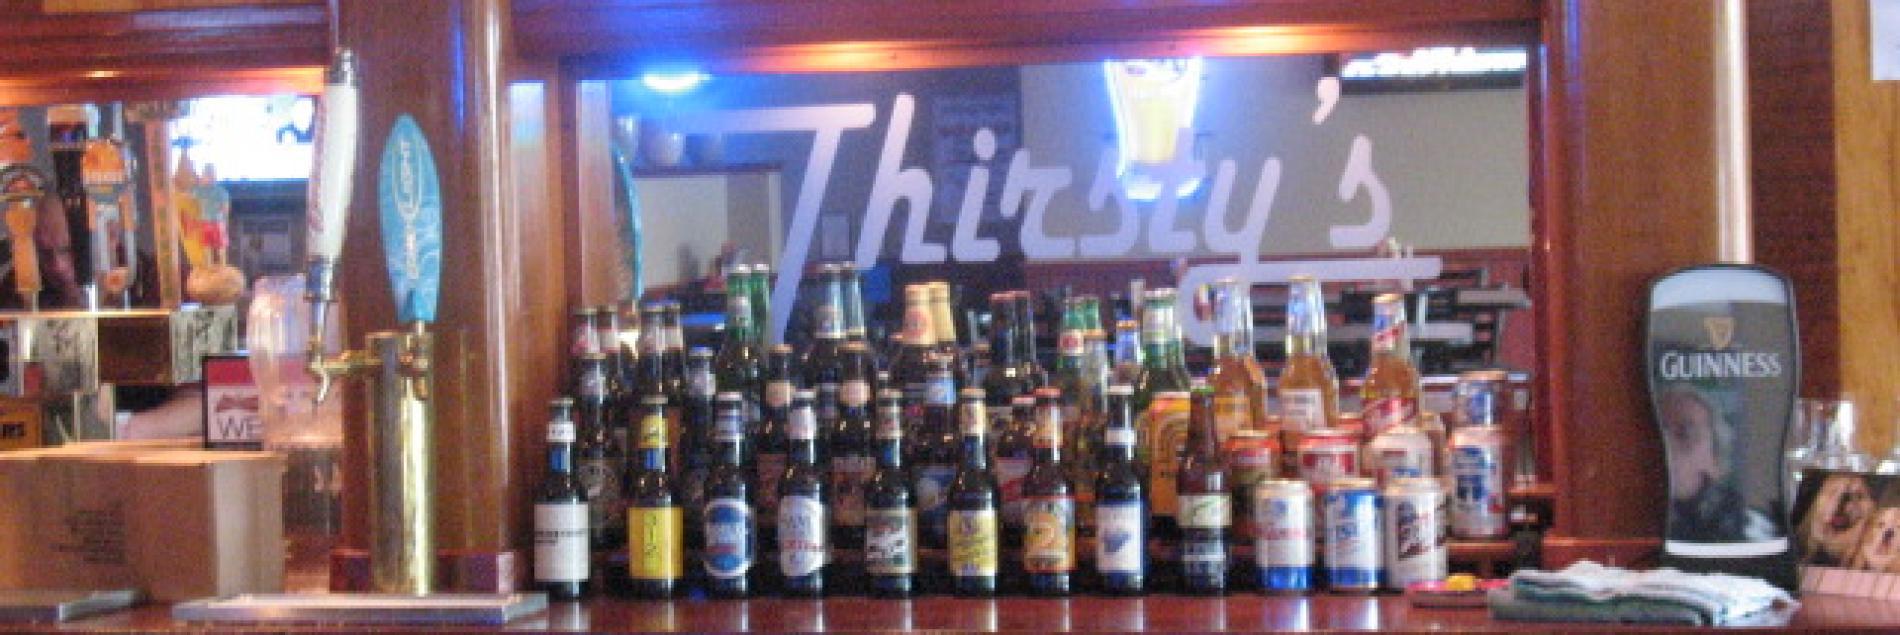 Thirsty's Restaurant & Bar